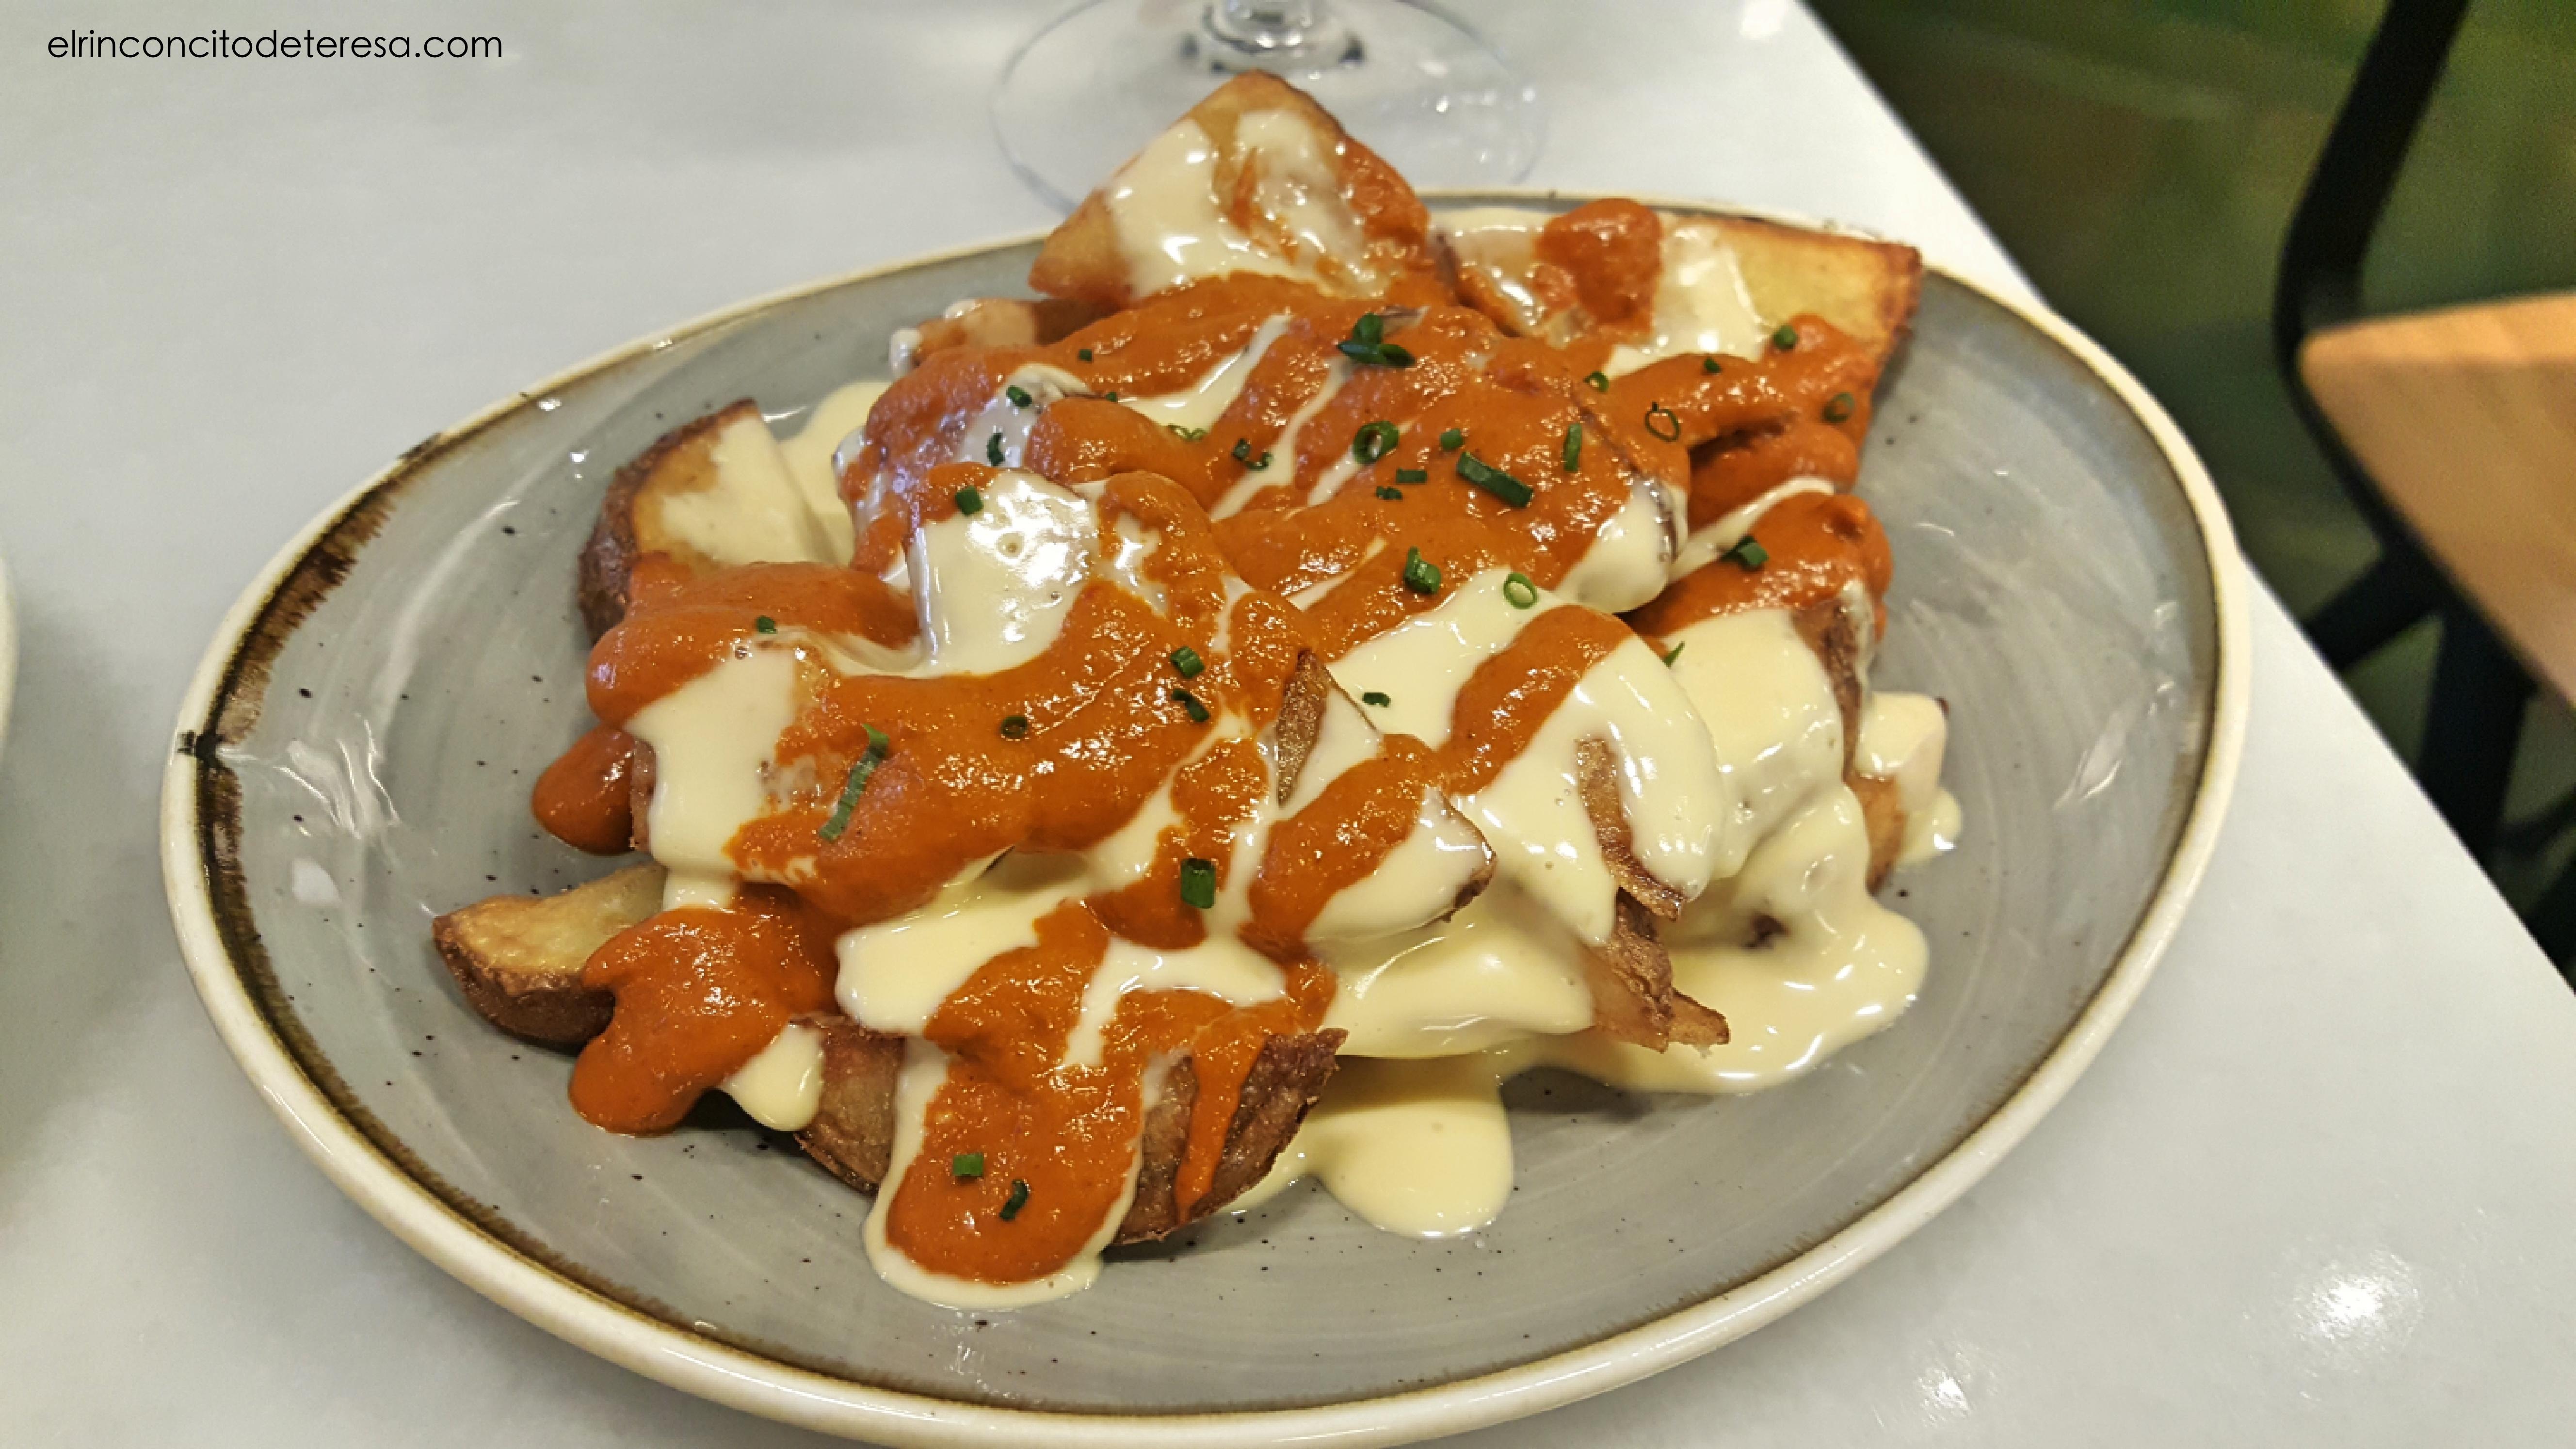 orvay-patatas-bravas